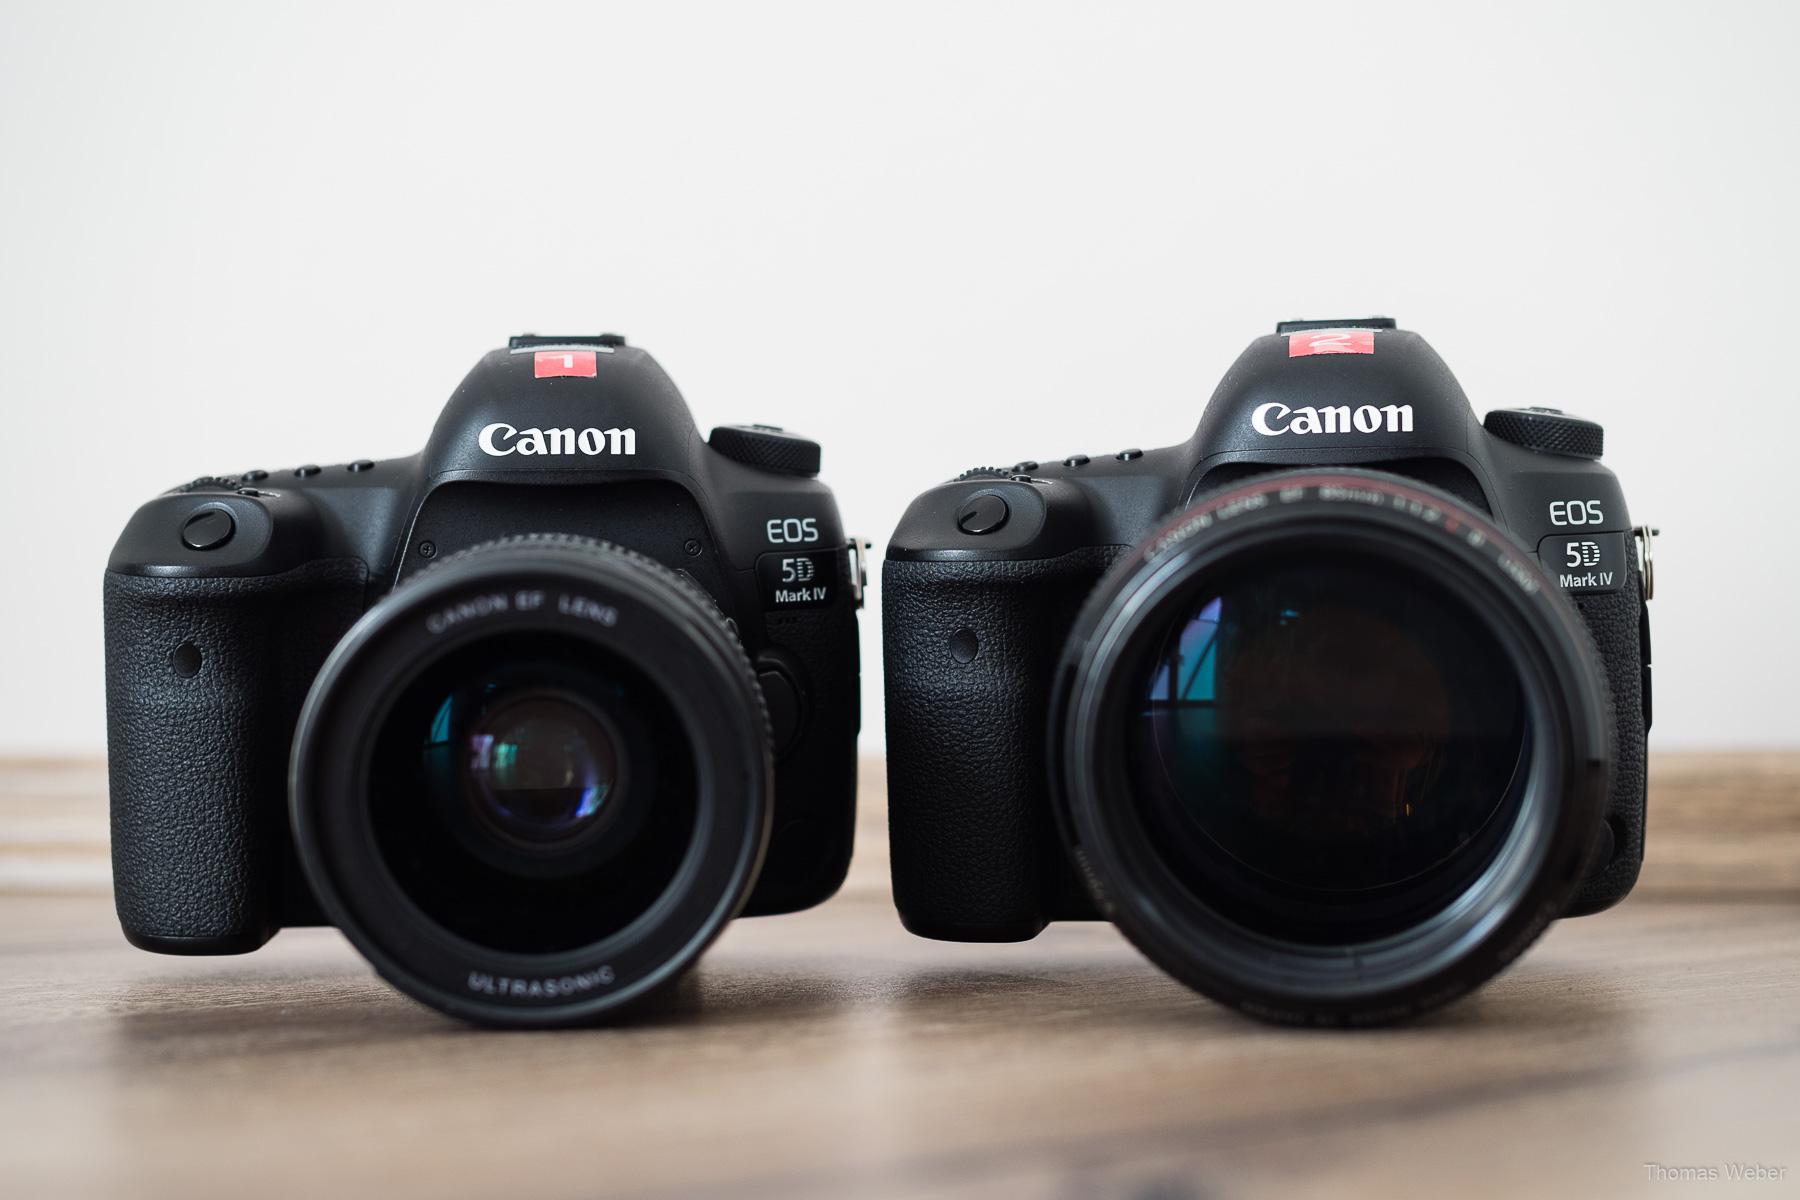 Erfahrungsbericht über die Canon EOS 5D Mark IV vom Fotografen Thomas Weber aus Oldenburg